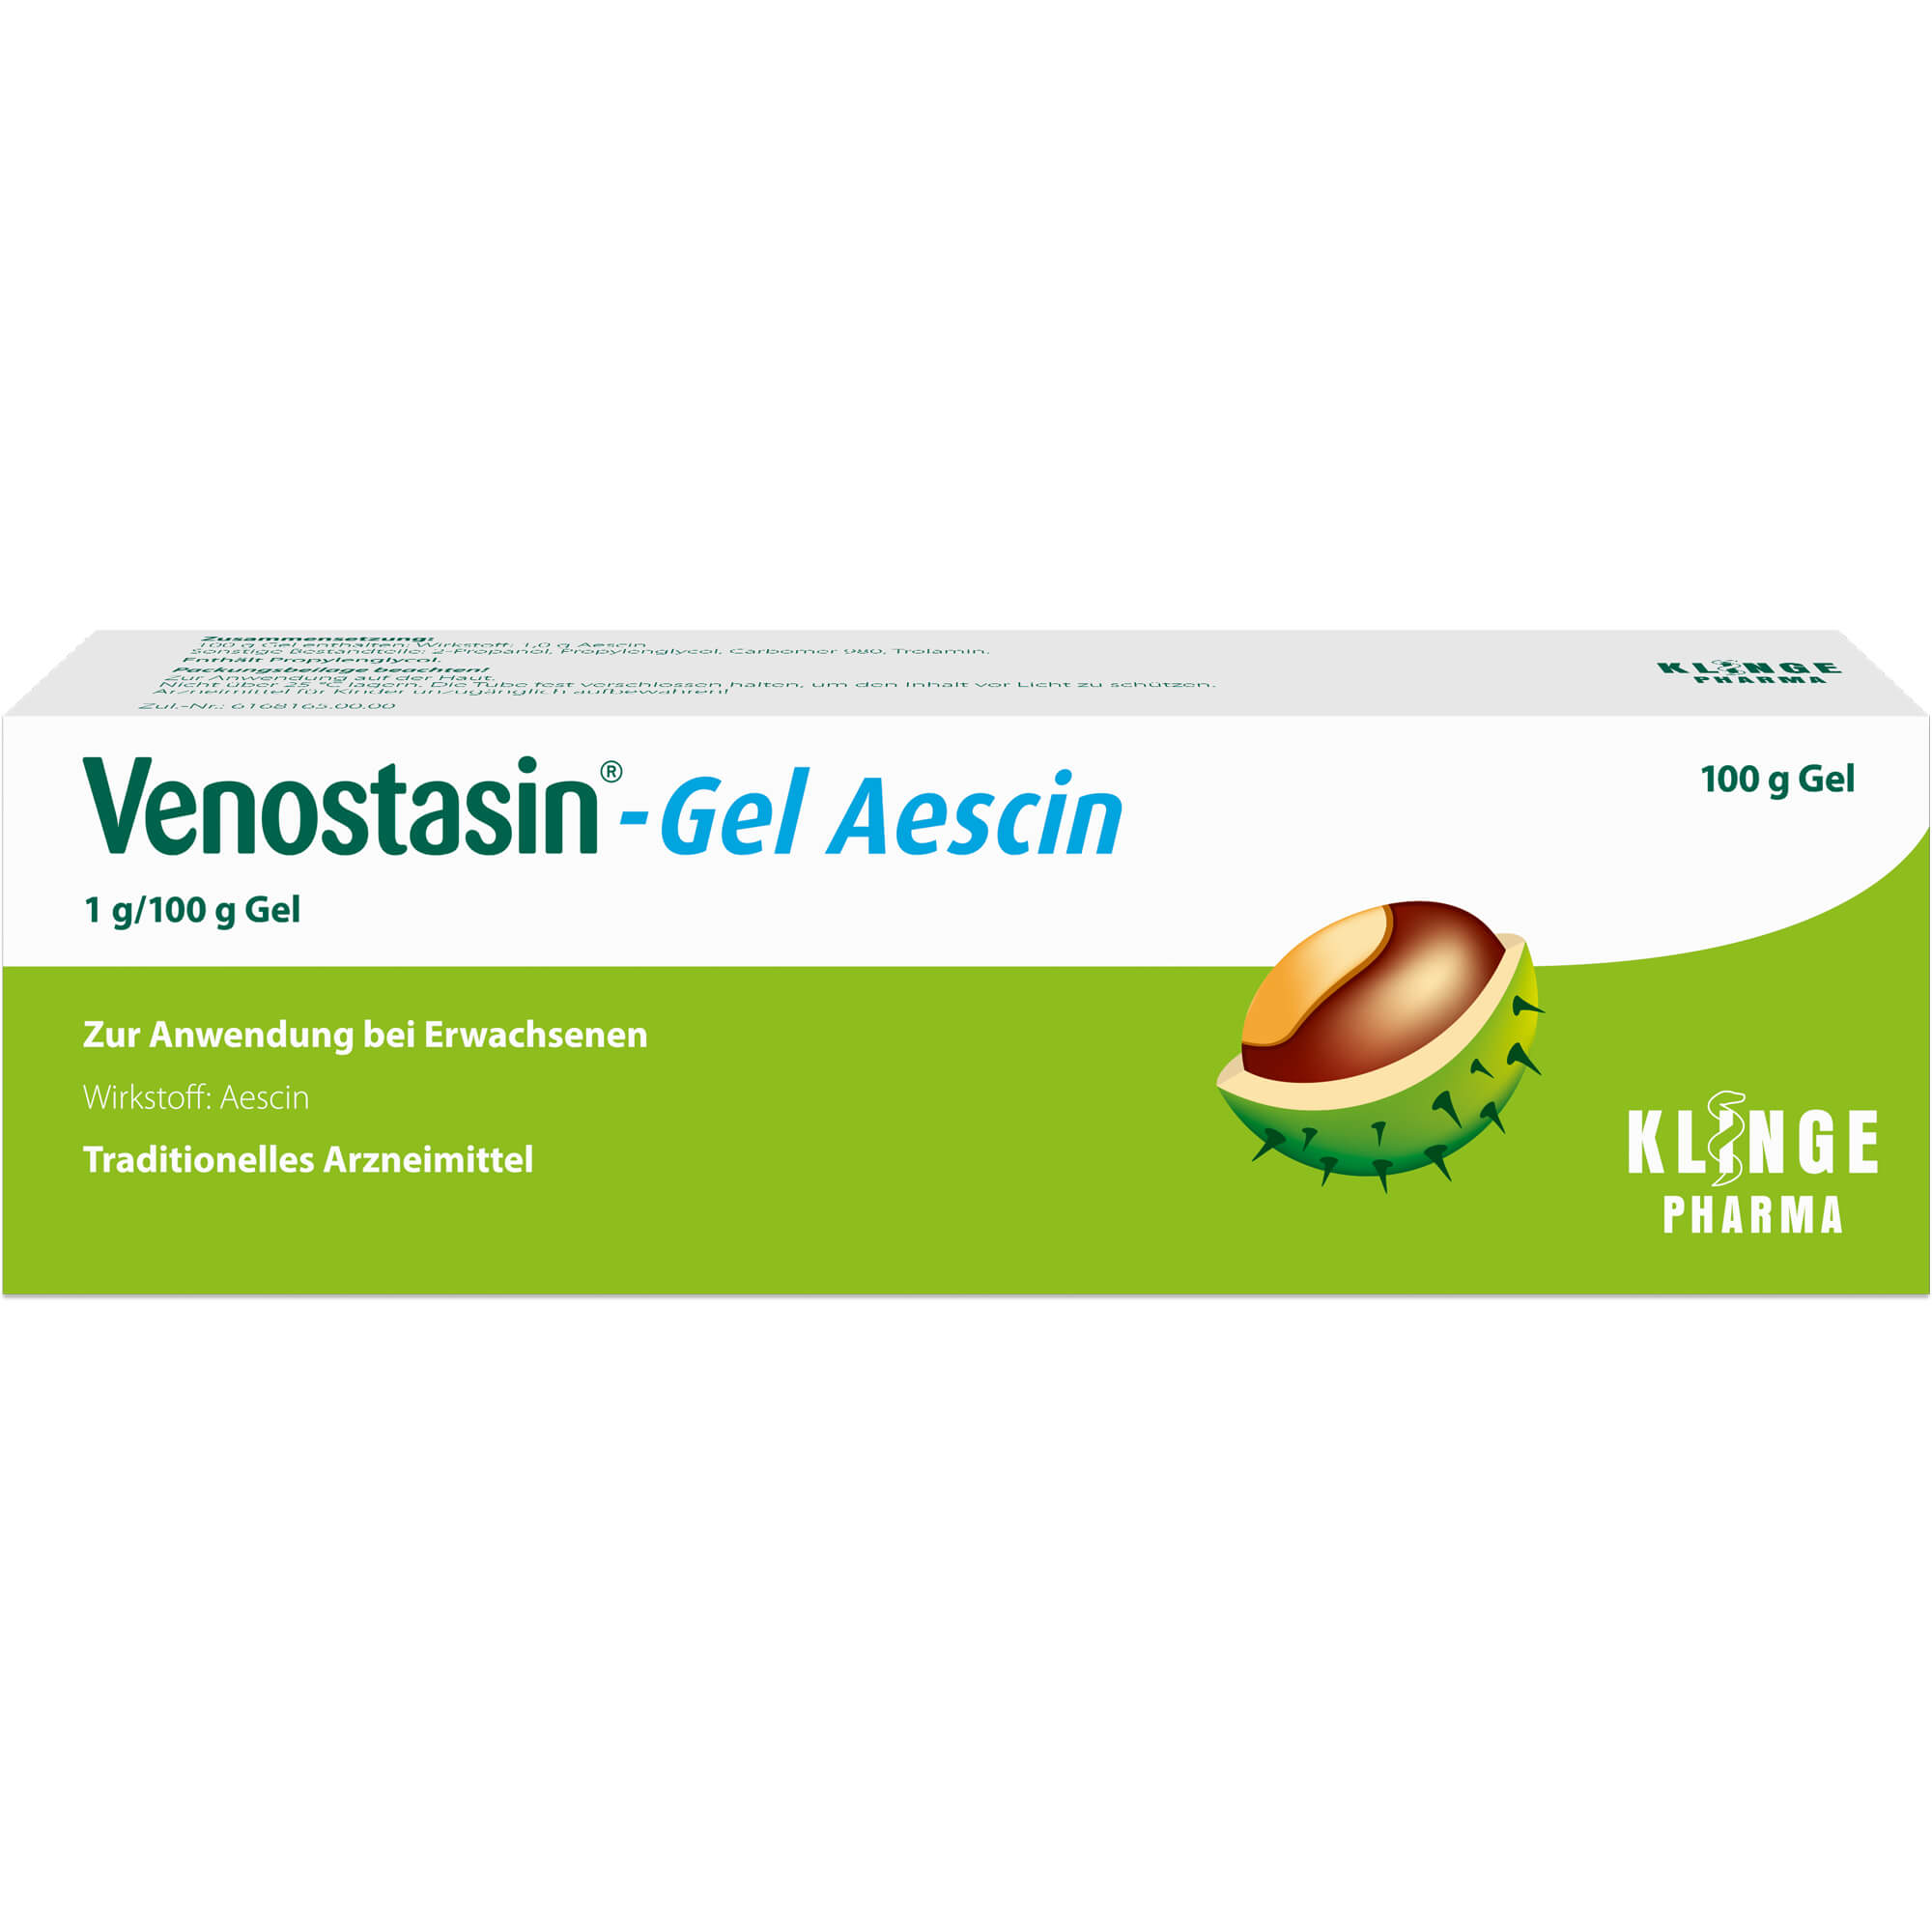 VENOSTASIN Gel Aescin